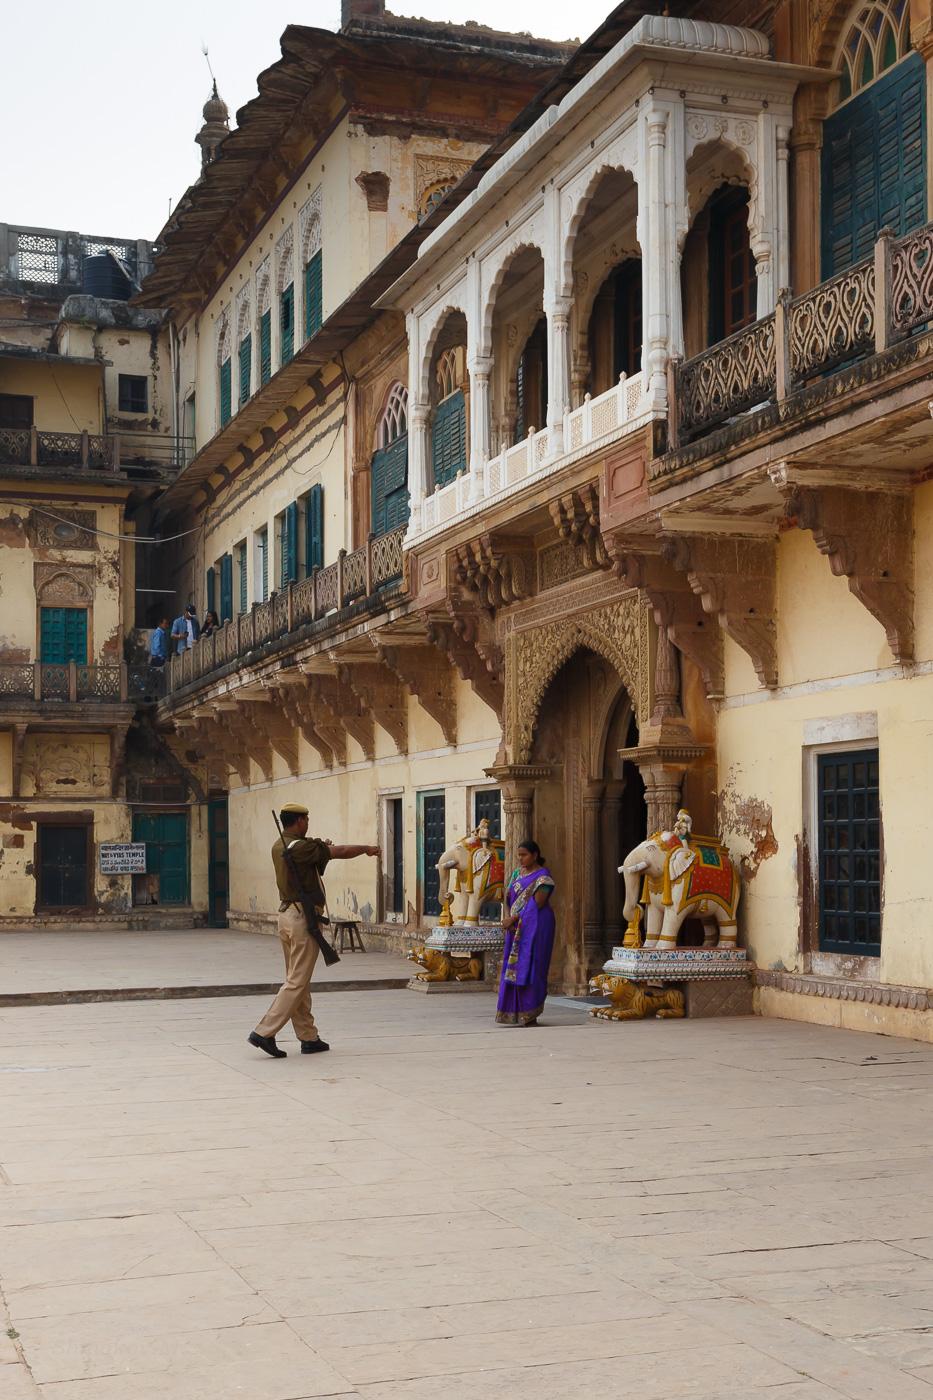 Фото 24. Форт Рамнагар (RamnagarFort). Вся почетная рать. Стоит ли ехать на экскурсию (1/200; 0; 8; 100; 25).